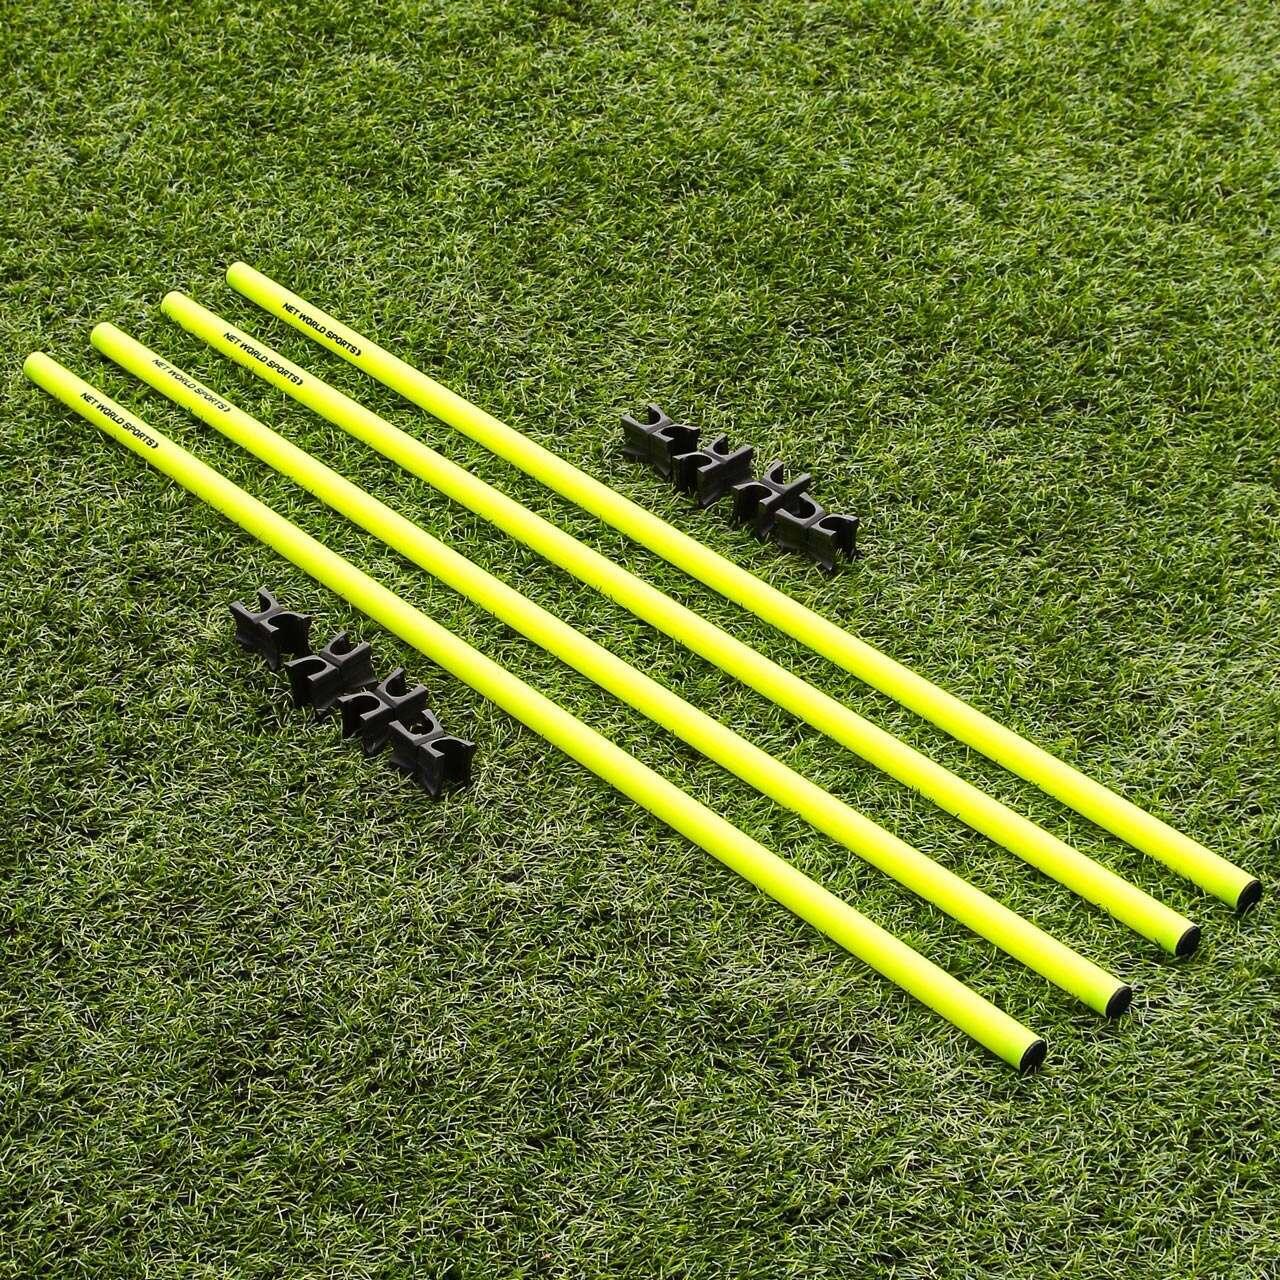 mit Tragetasche Set 12 gelbe Slalomstangen mit Querstangen und Clips